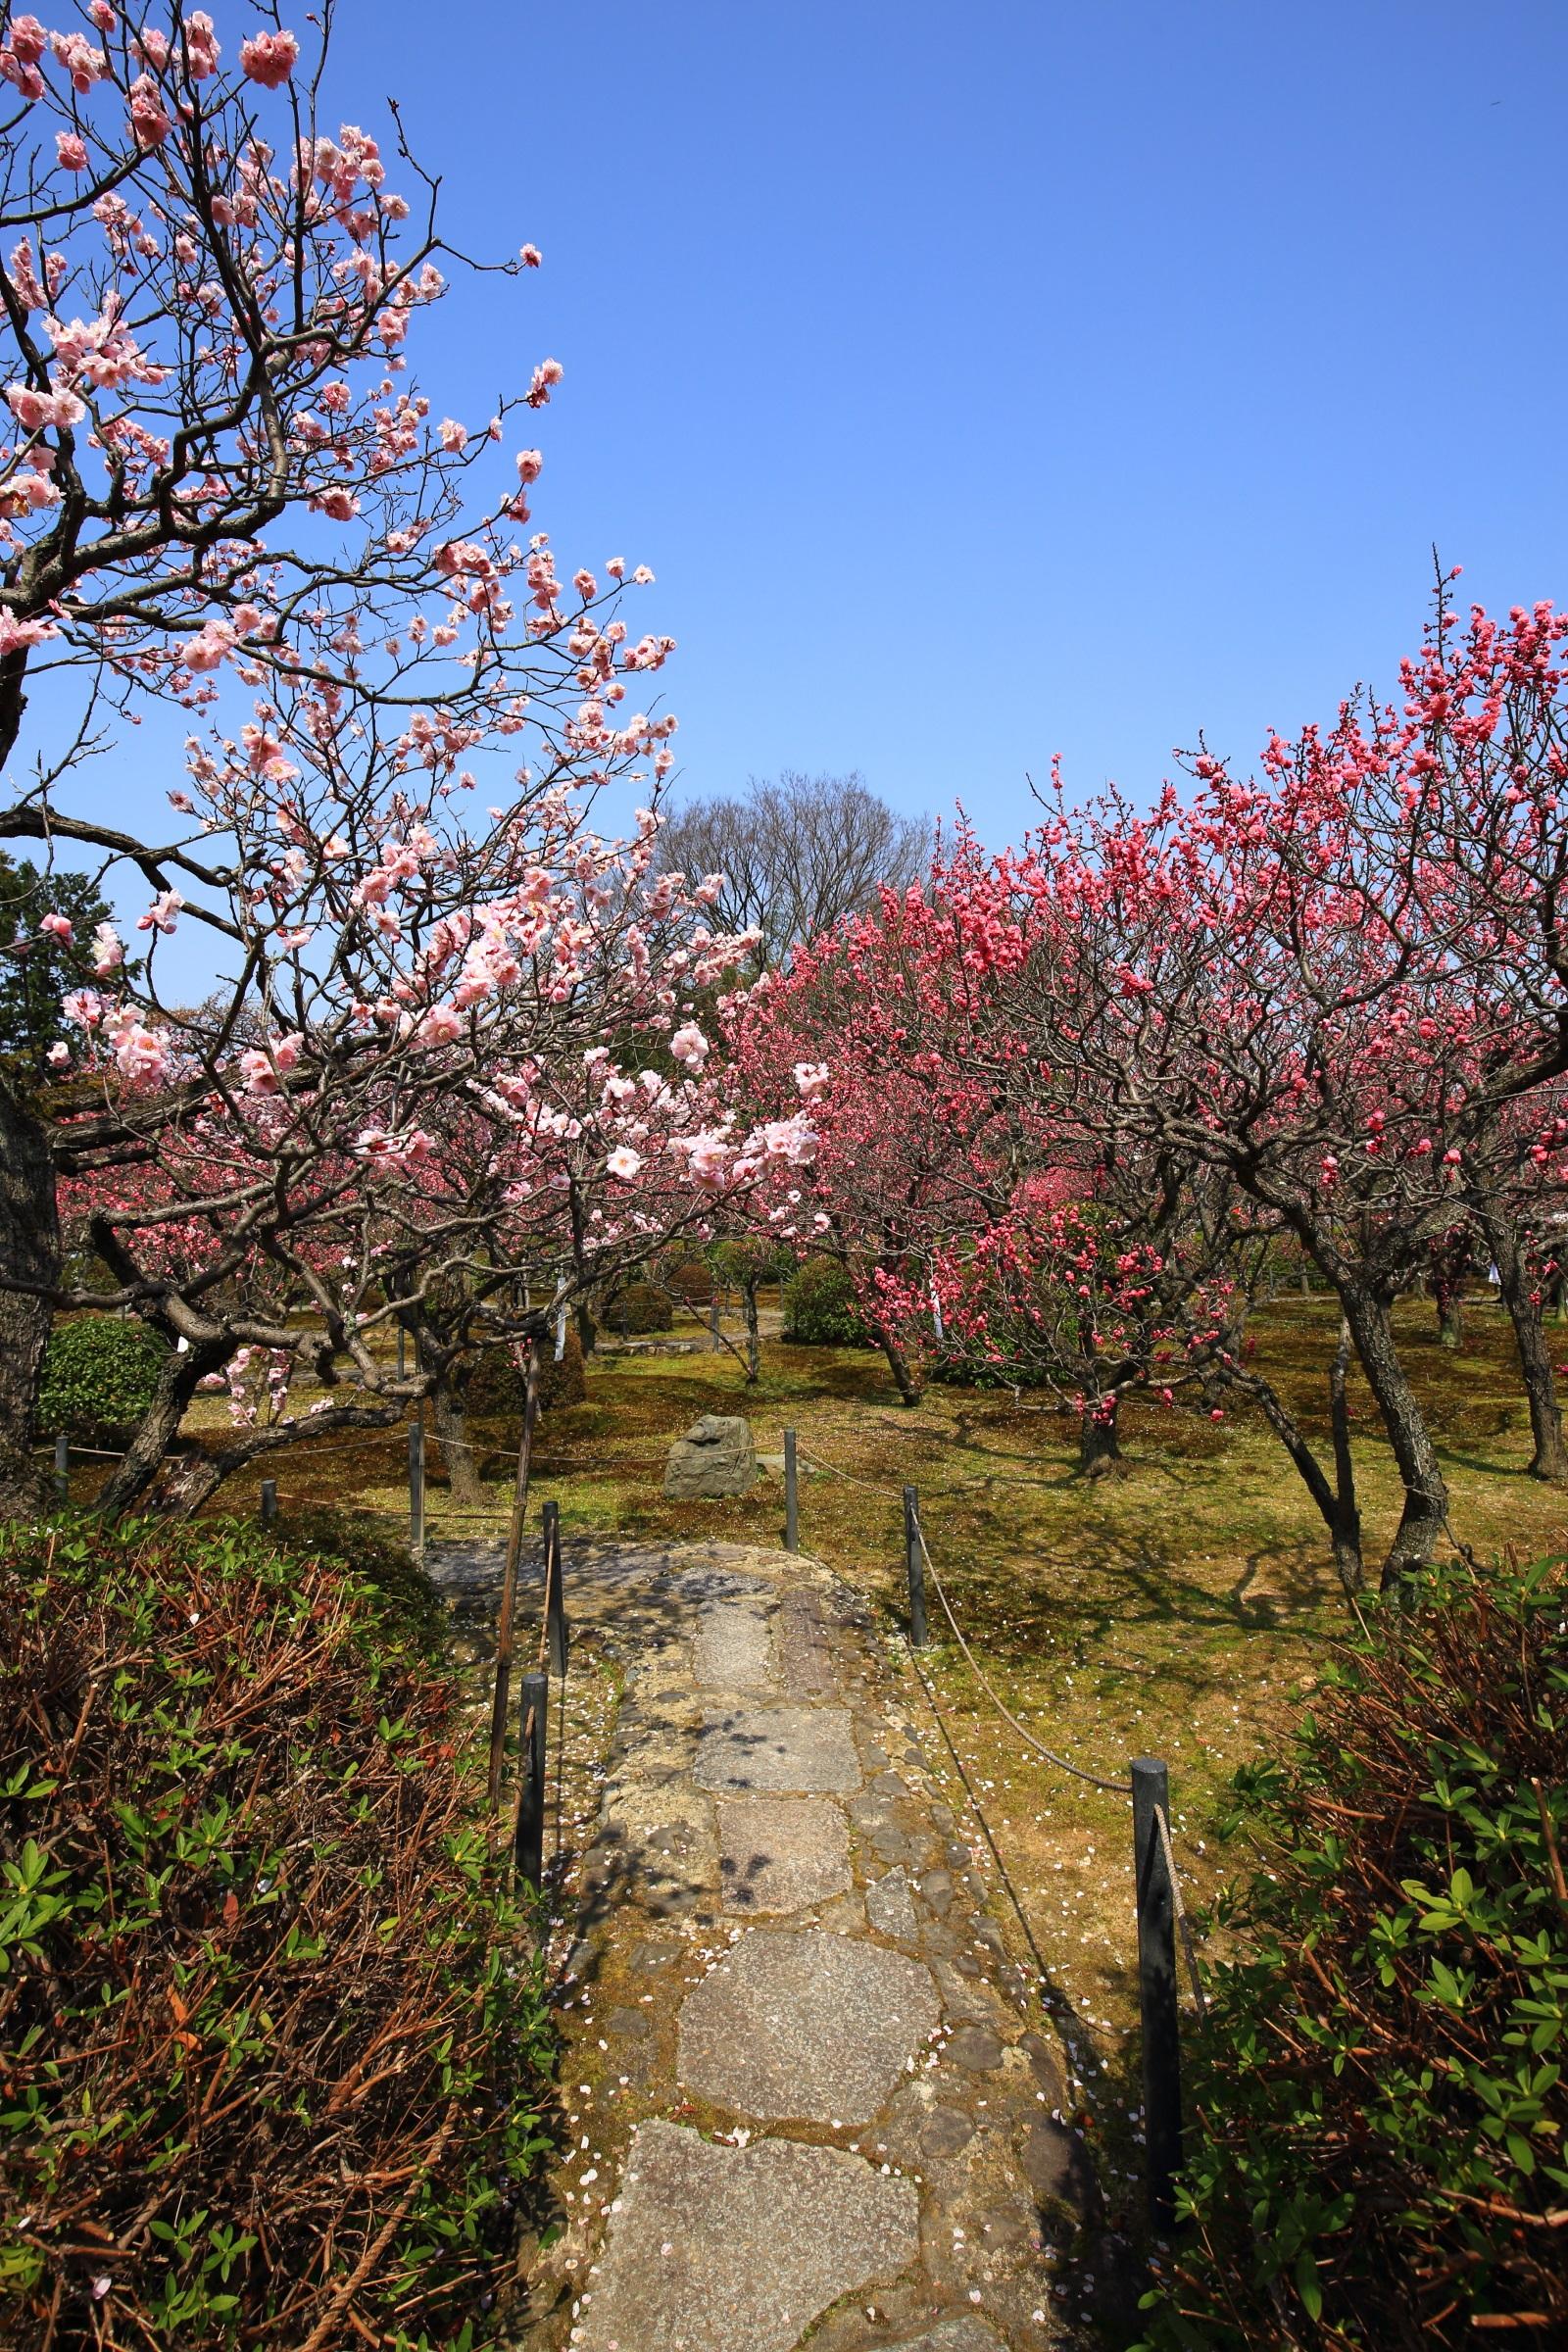 青空に映える華やかな梅の花と飛び石の参道